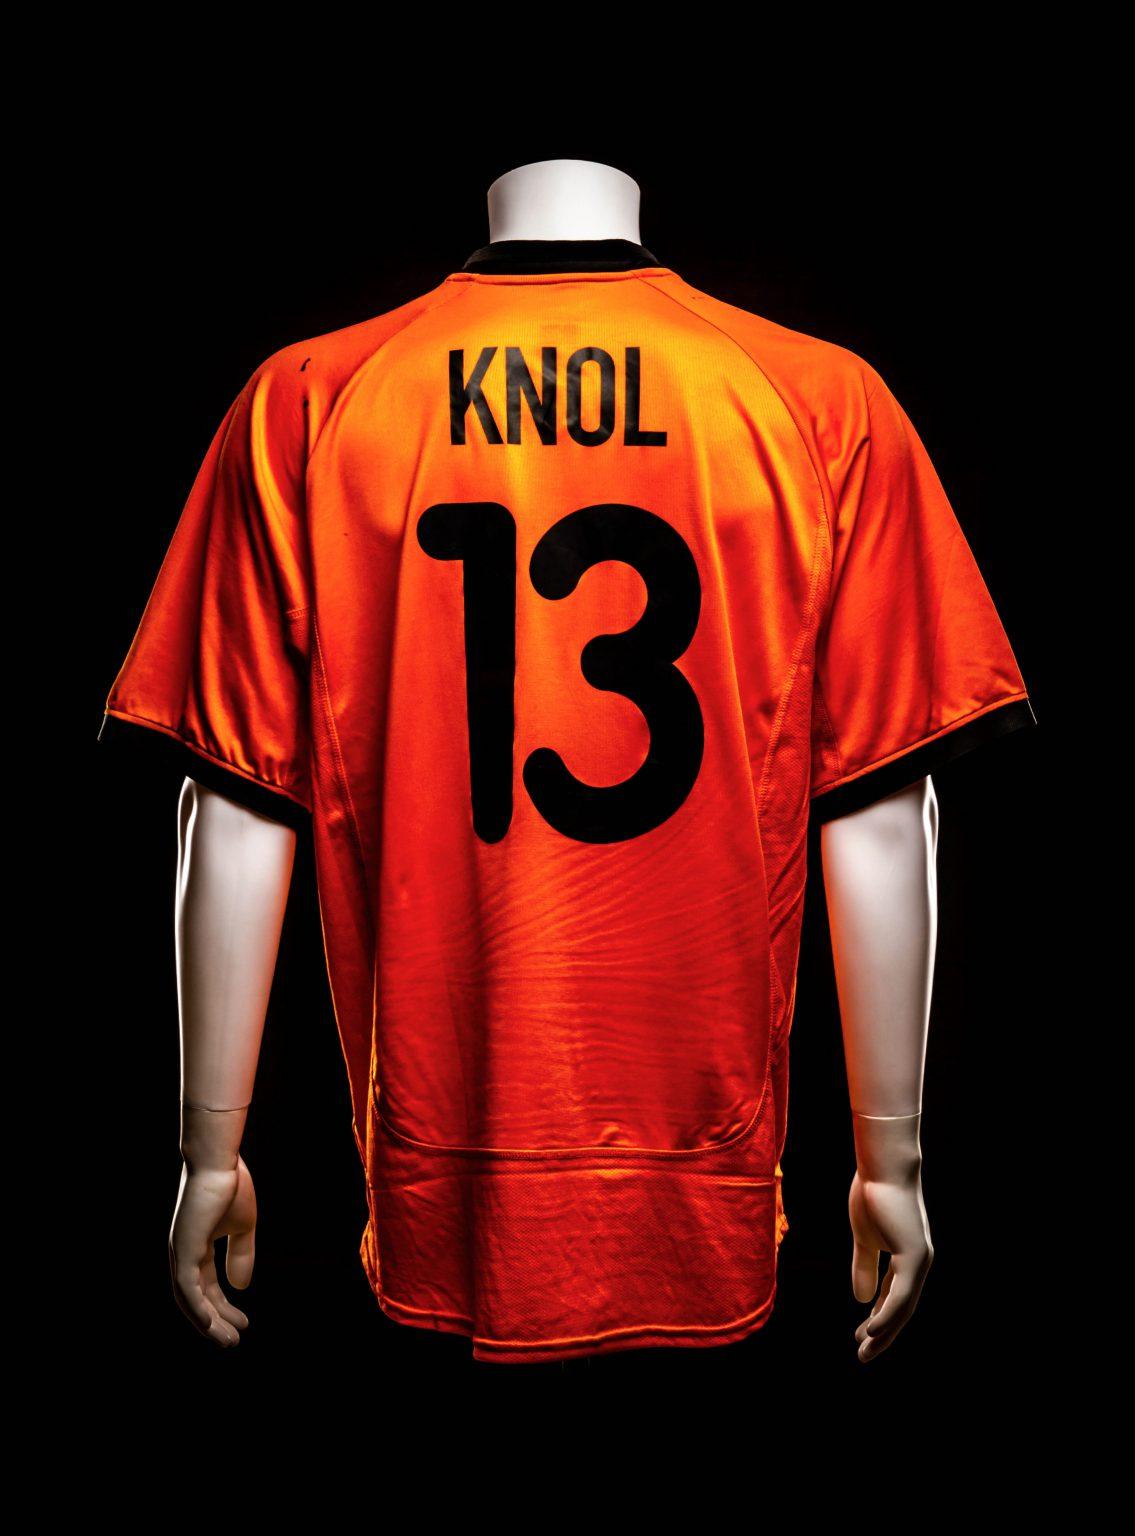 #13 Ruud Knol 2001